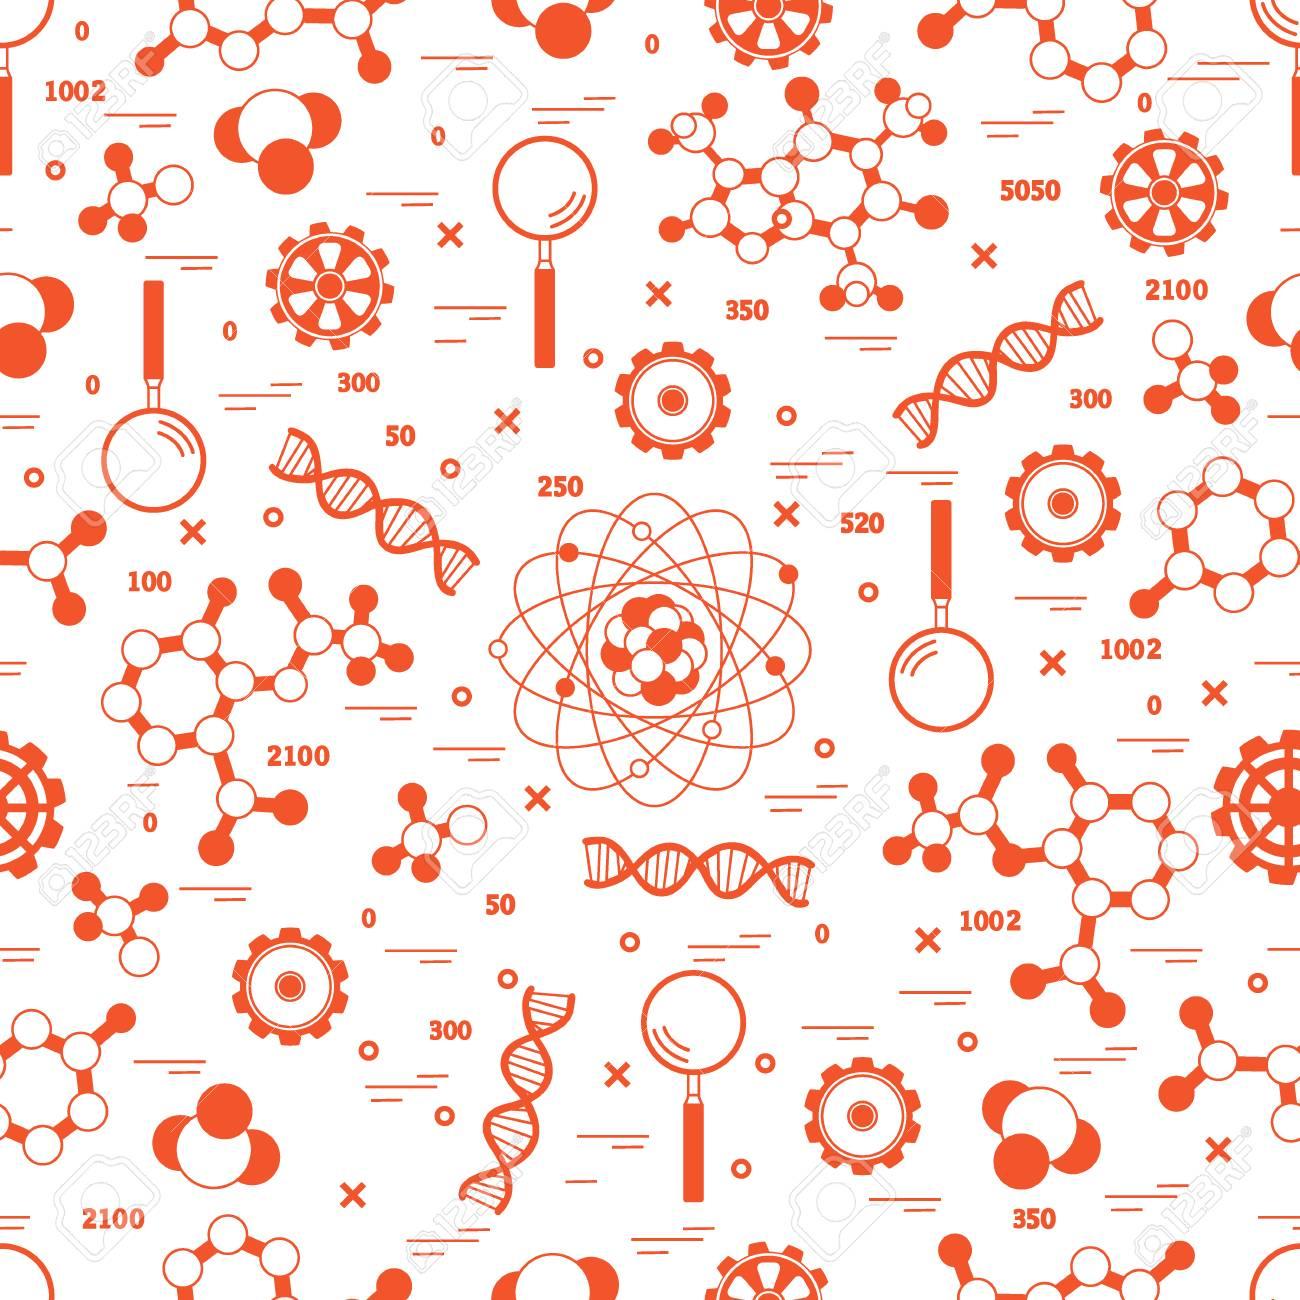 588ec4ca0a Archivio Fotografico - Modello senza cuciture con varietà scientifica,  elementi di educazione. Design per banner, poster o stampa.